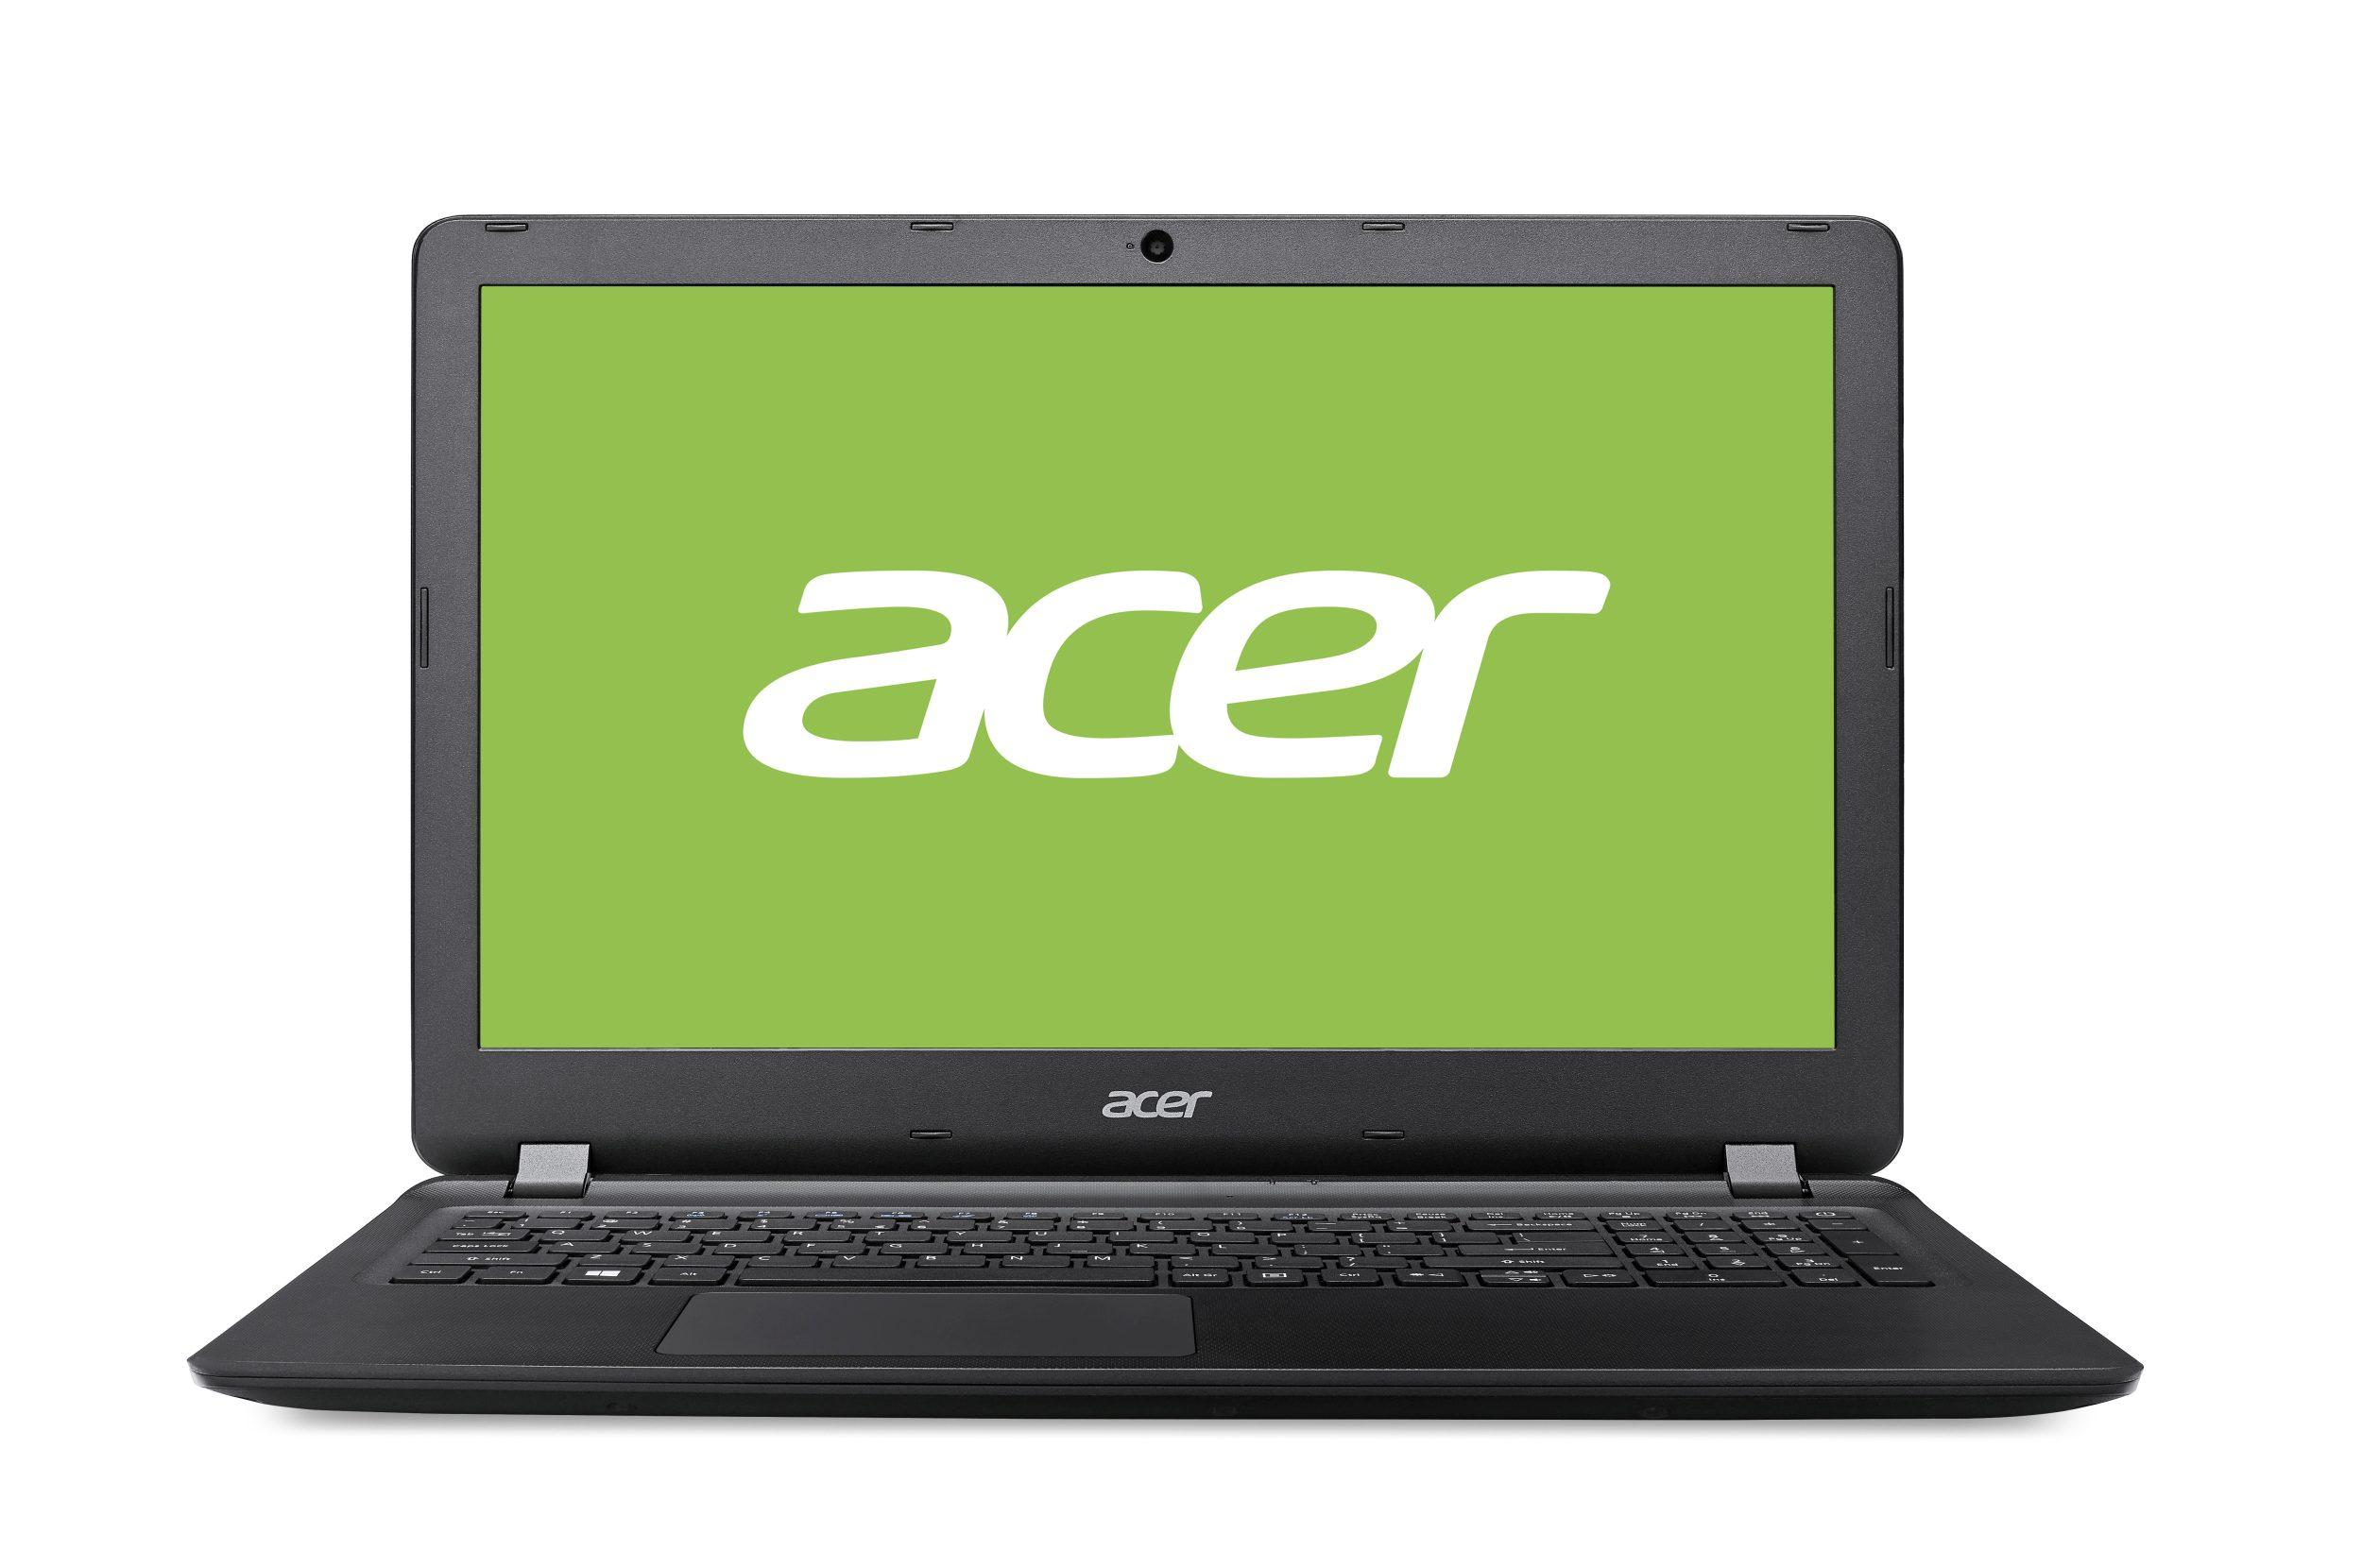 """Acer Extensa 15 (EX2540-338S) i3-6006U/4GB+N/500 GB+N/DVDRW/HD Graphics/15.6"""" HD matný/BT/W10 Pro/Black"""